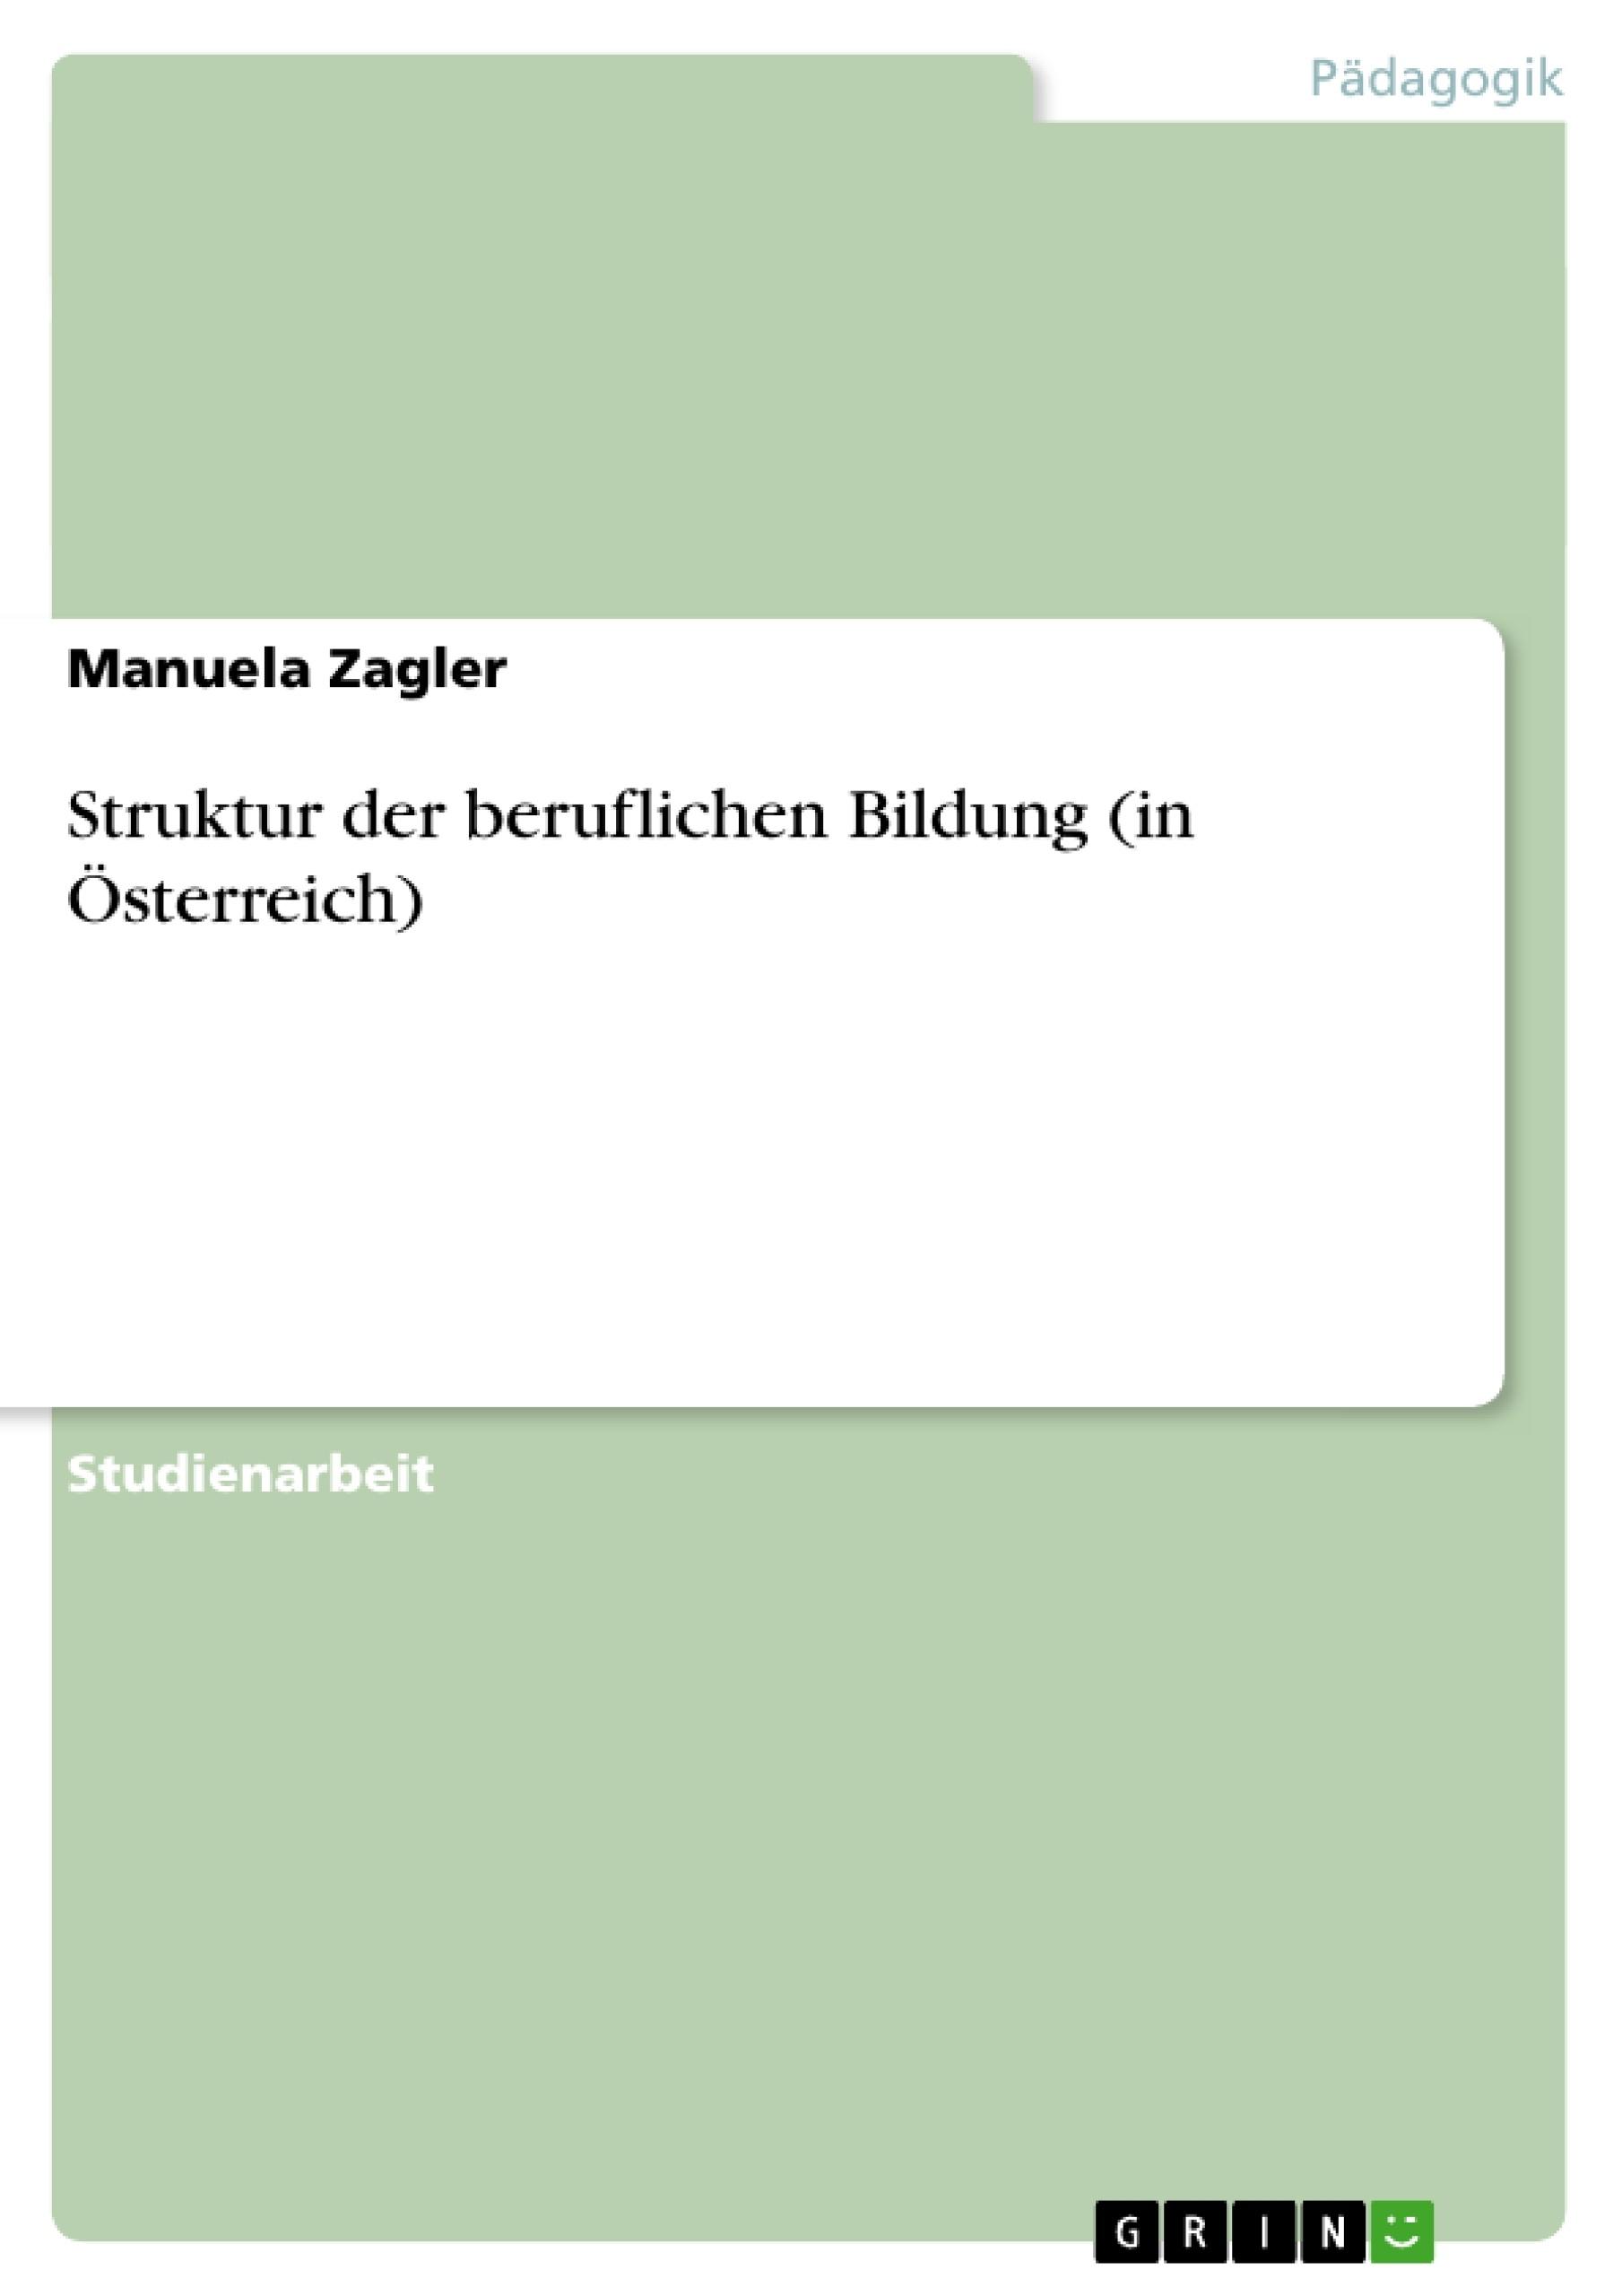 Titel: Struktur der beruflichen Bildung (in Österreich)